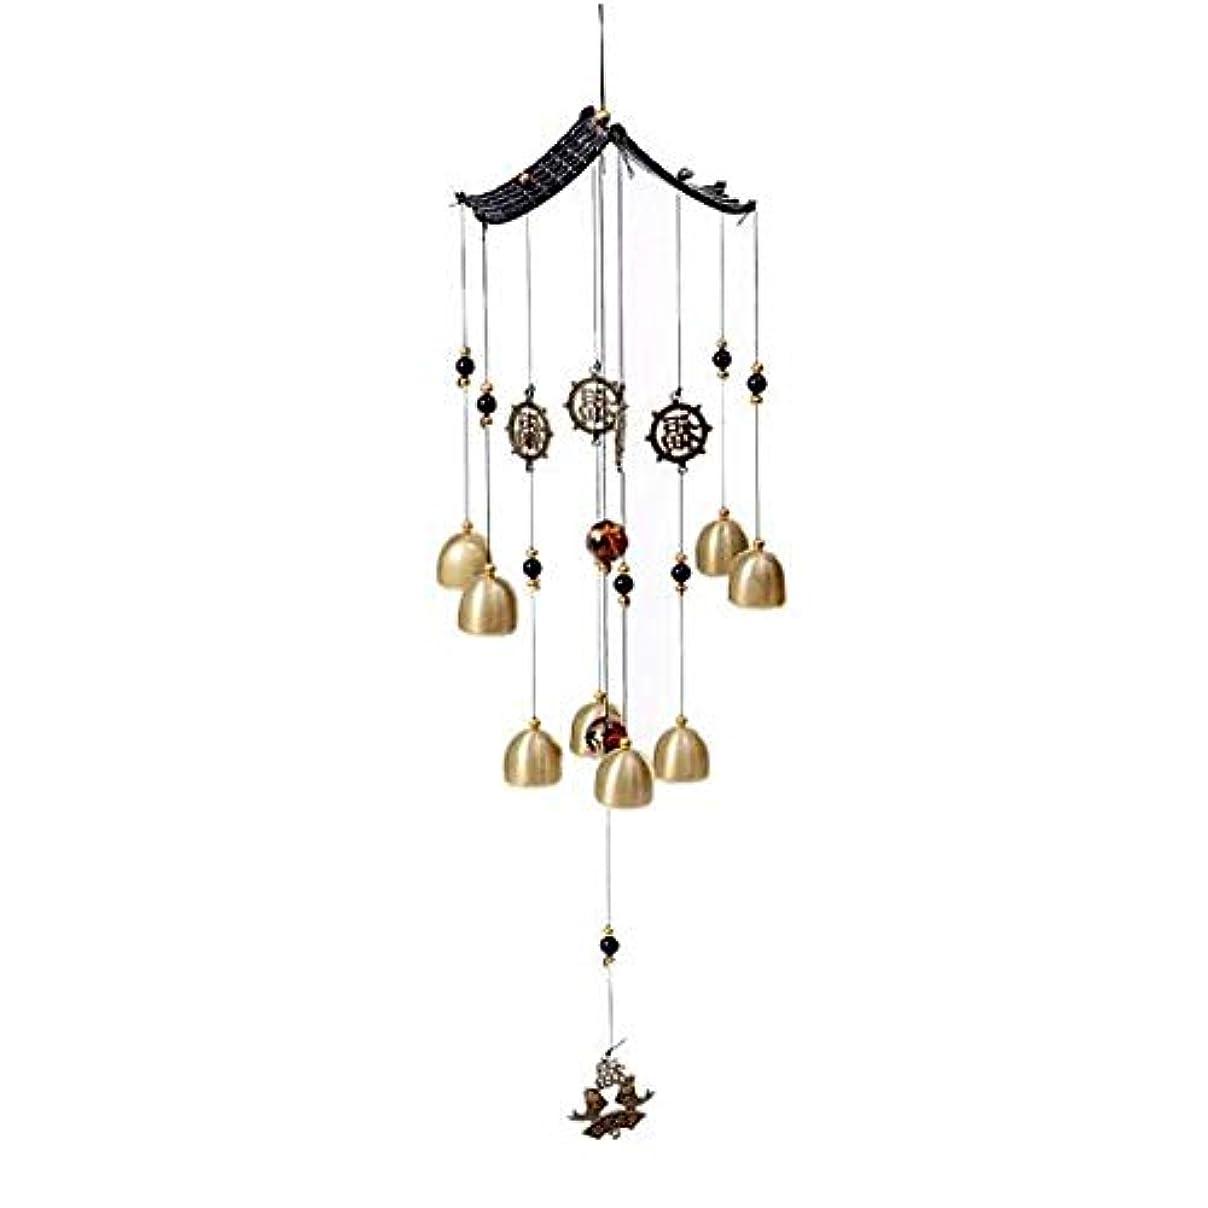 アクセスできないこする定数Chengjinxiang 風チャイム、金属銅鐘ホームデコレーション、ブラック、サイズ62 * 13CM,クリエイティブギフト (Color : Black-B)